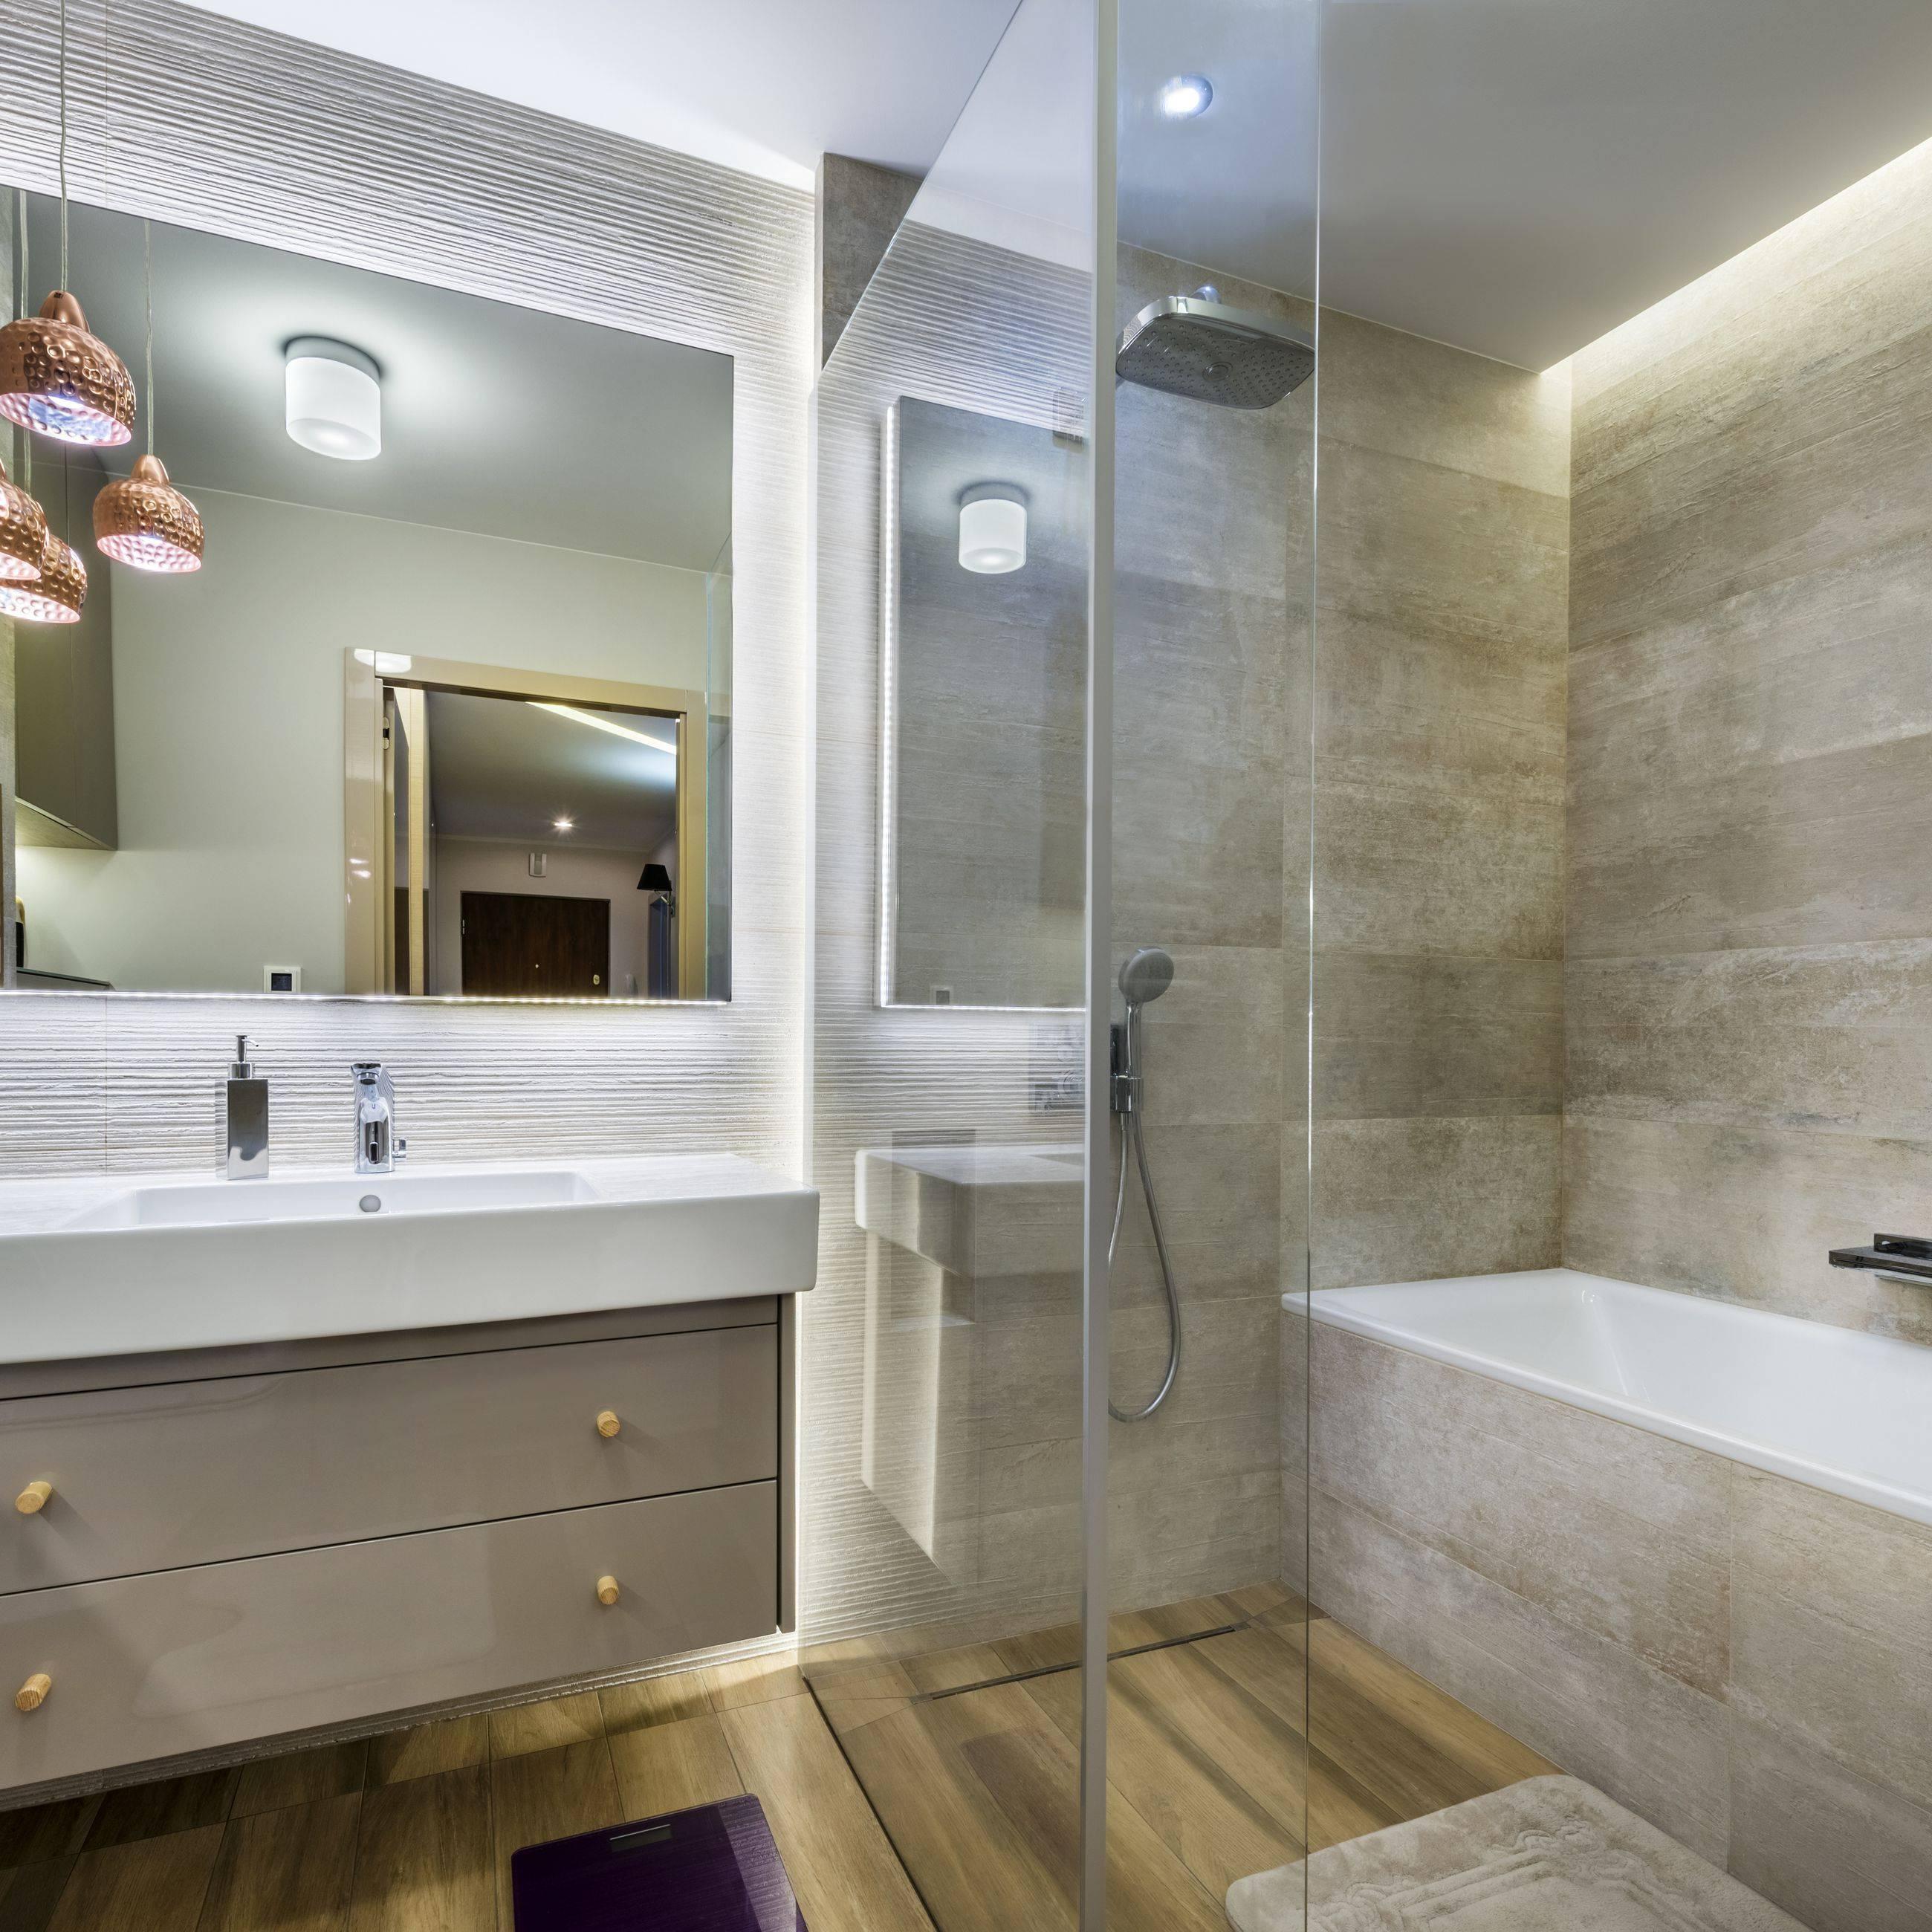 modern bathroom 5a67a263d8fdd a